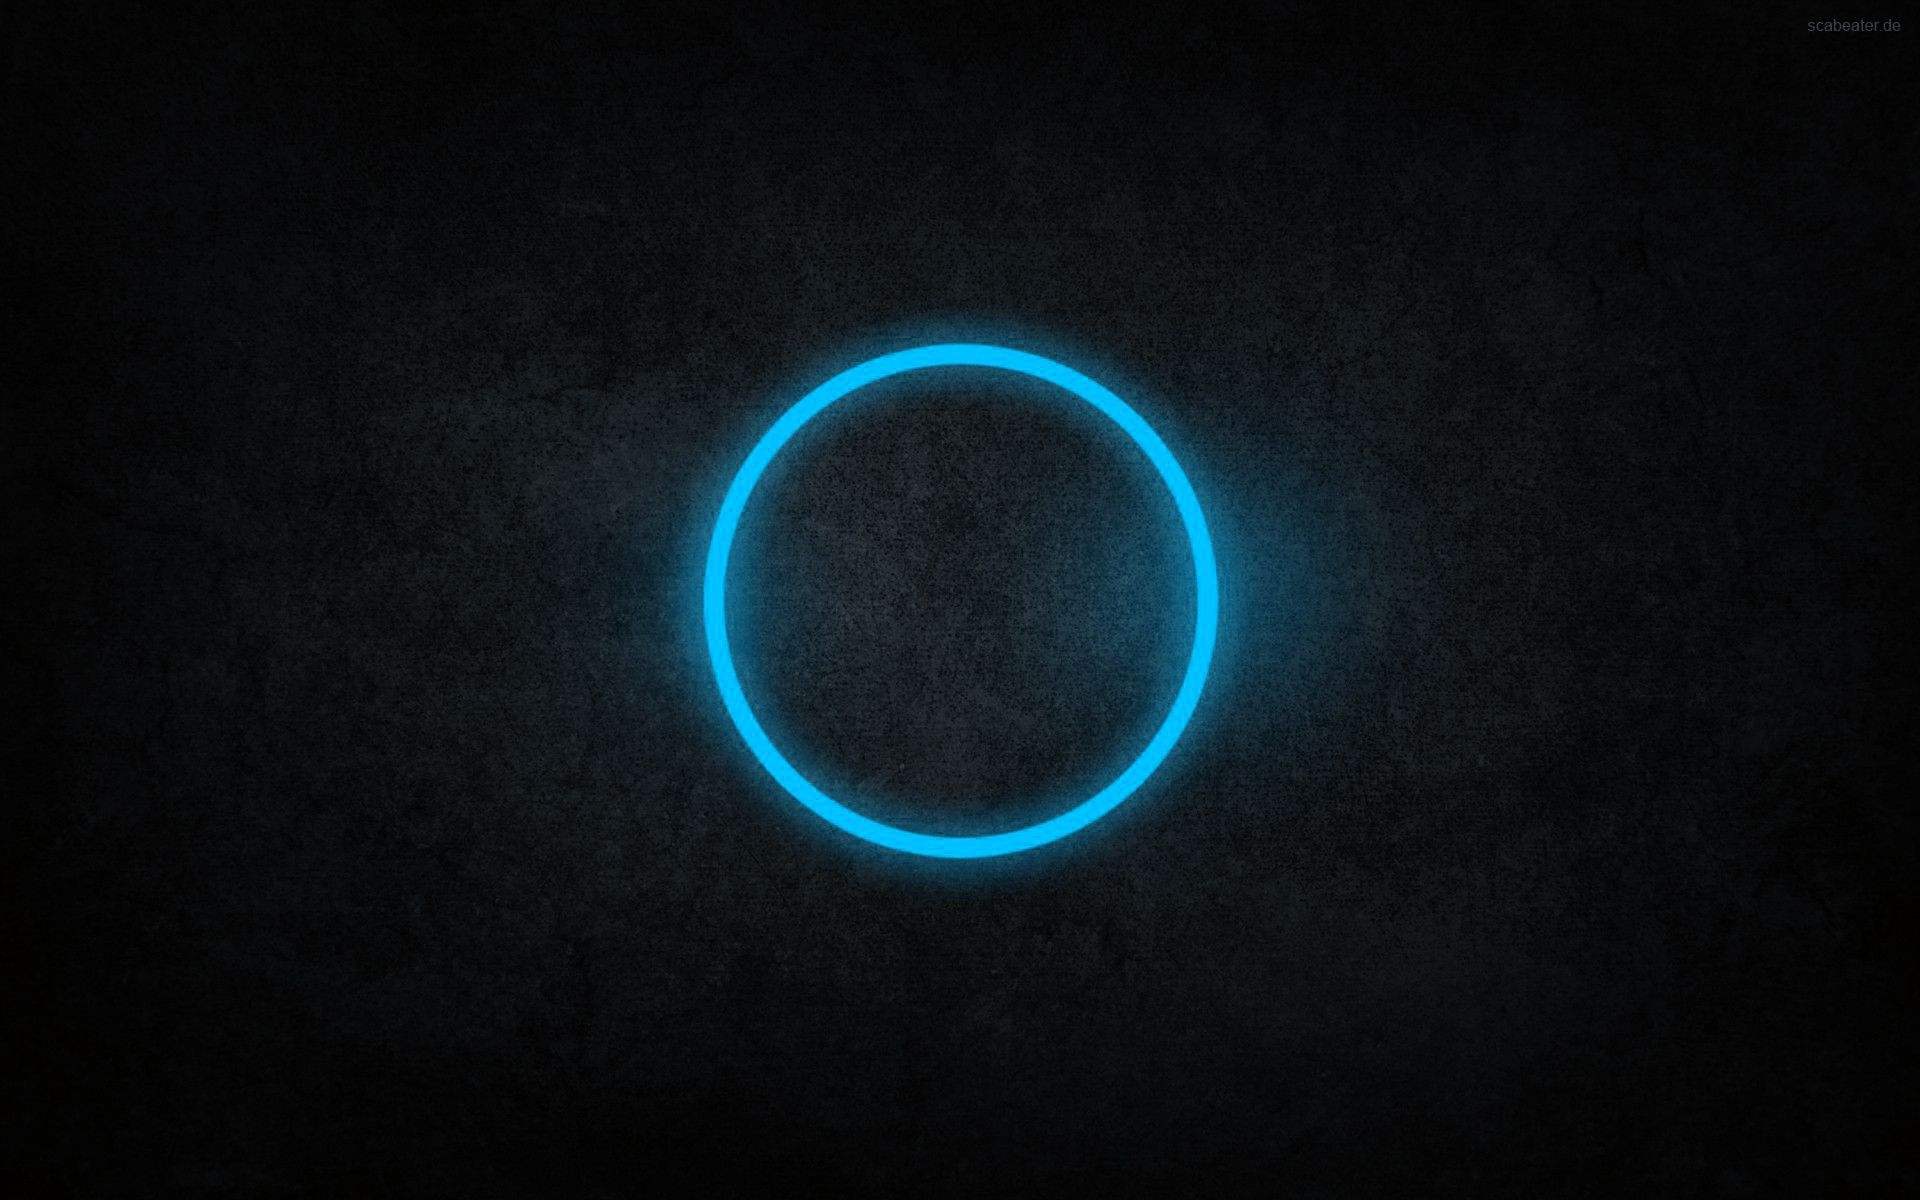 Abstract Black Blue Circles Cyan Wallpaper 1356336 Wallbase